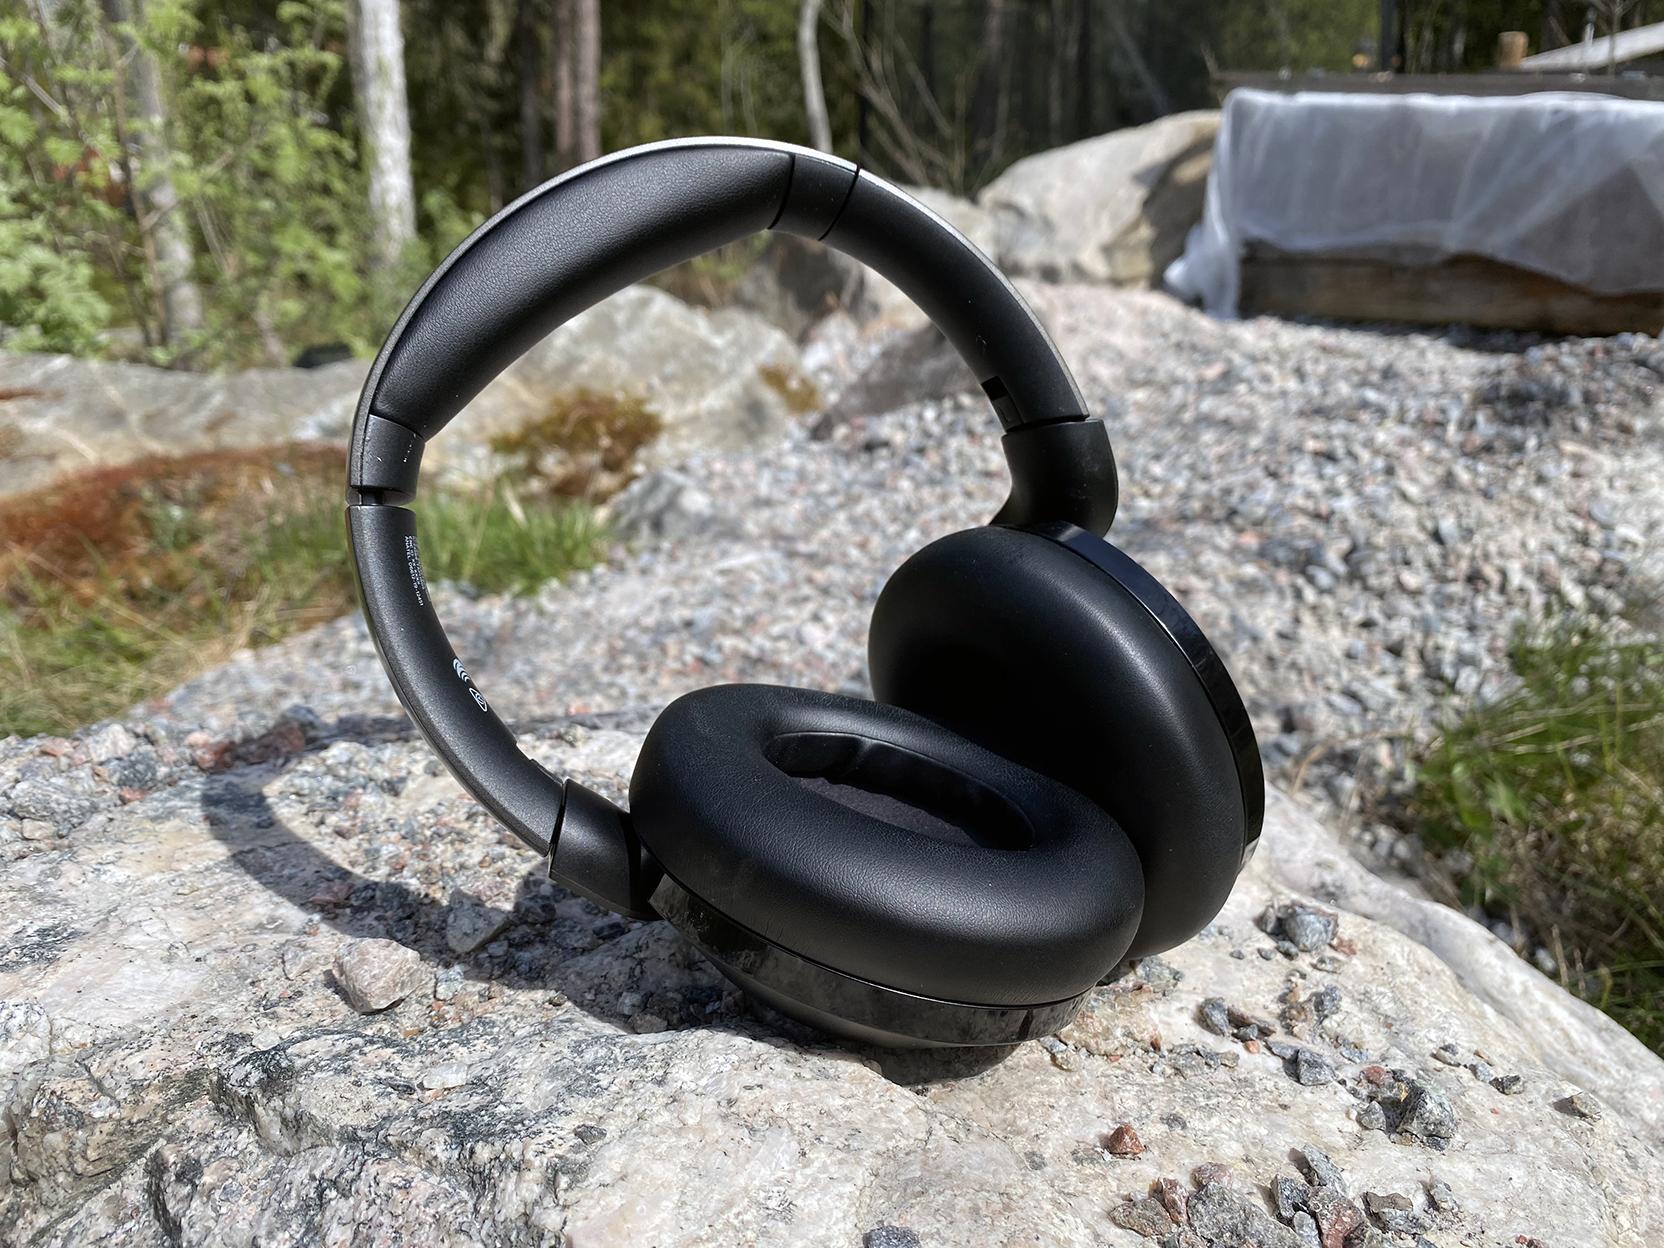 Billede af Philips TAPH805 høretelefonerne, som ligger og soler sig på en sten